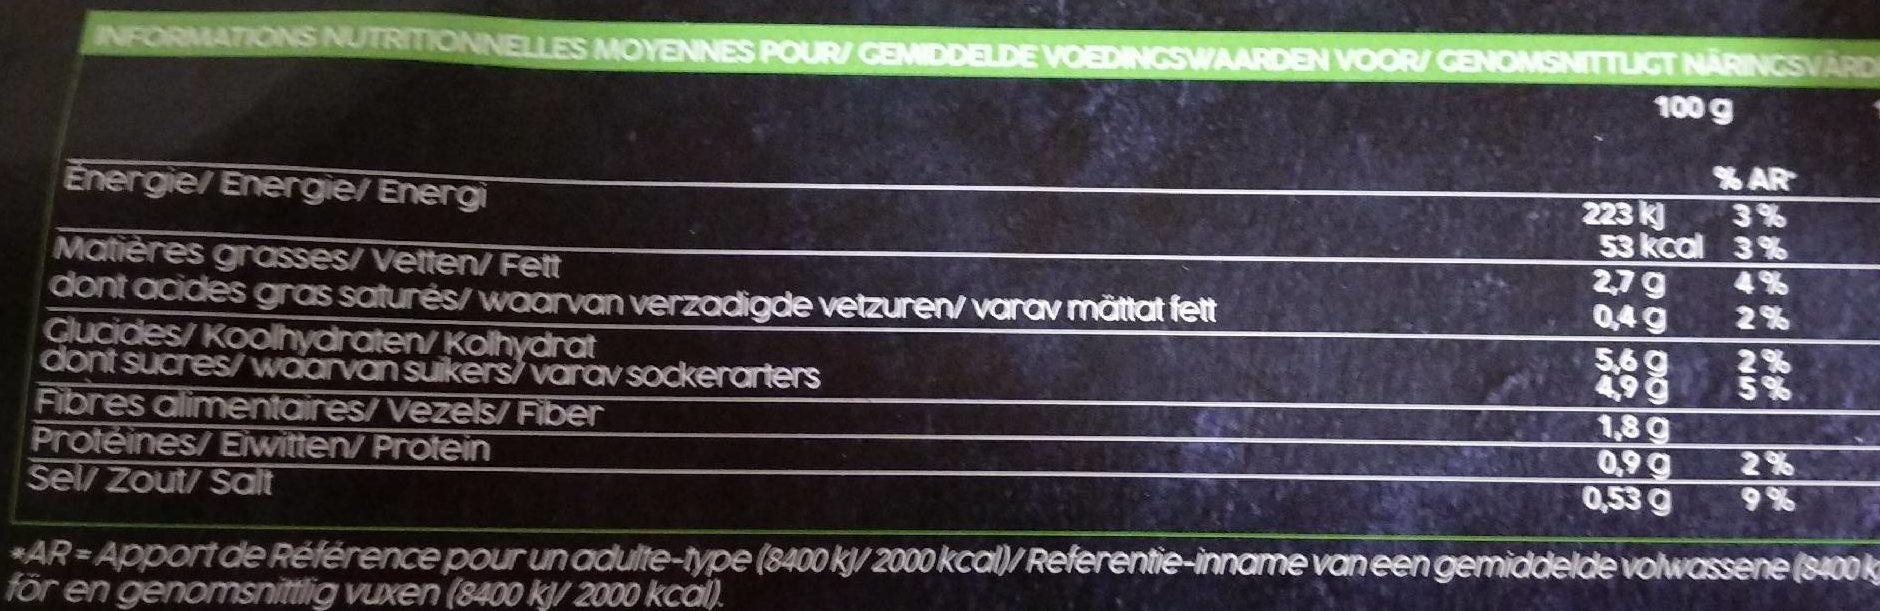 Les mijotés pour 2 Légumes Provençale - Informations nutritionnelles - fr